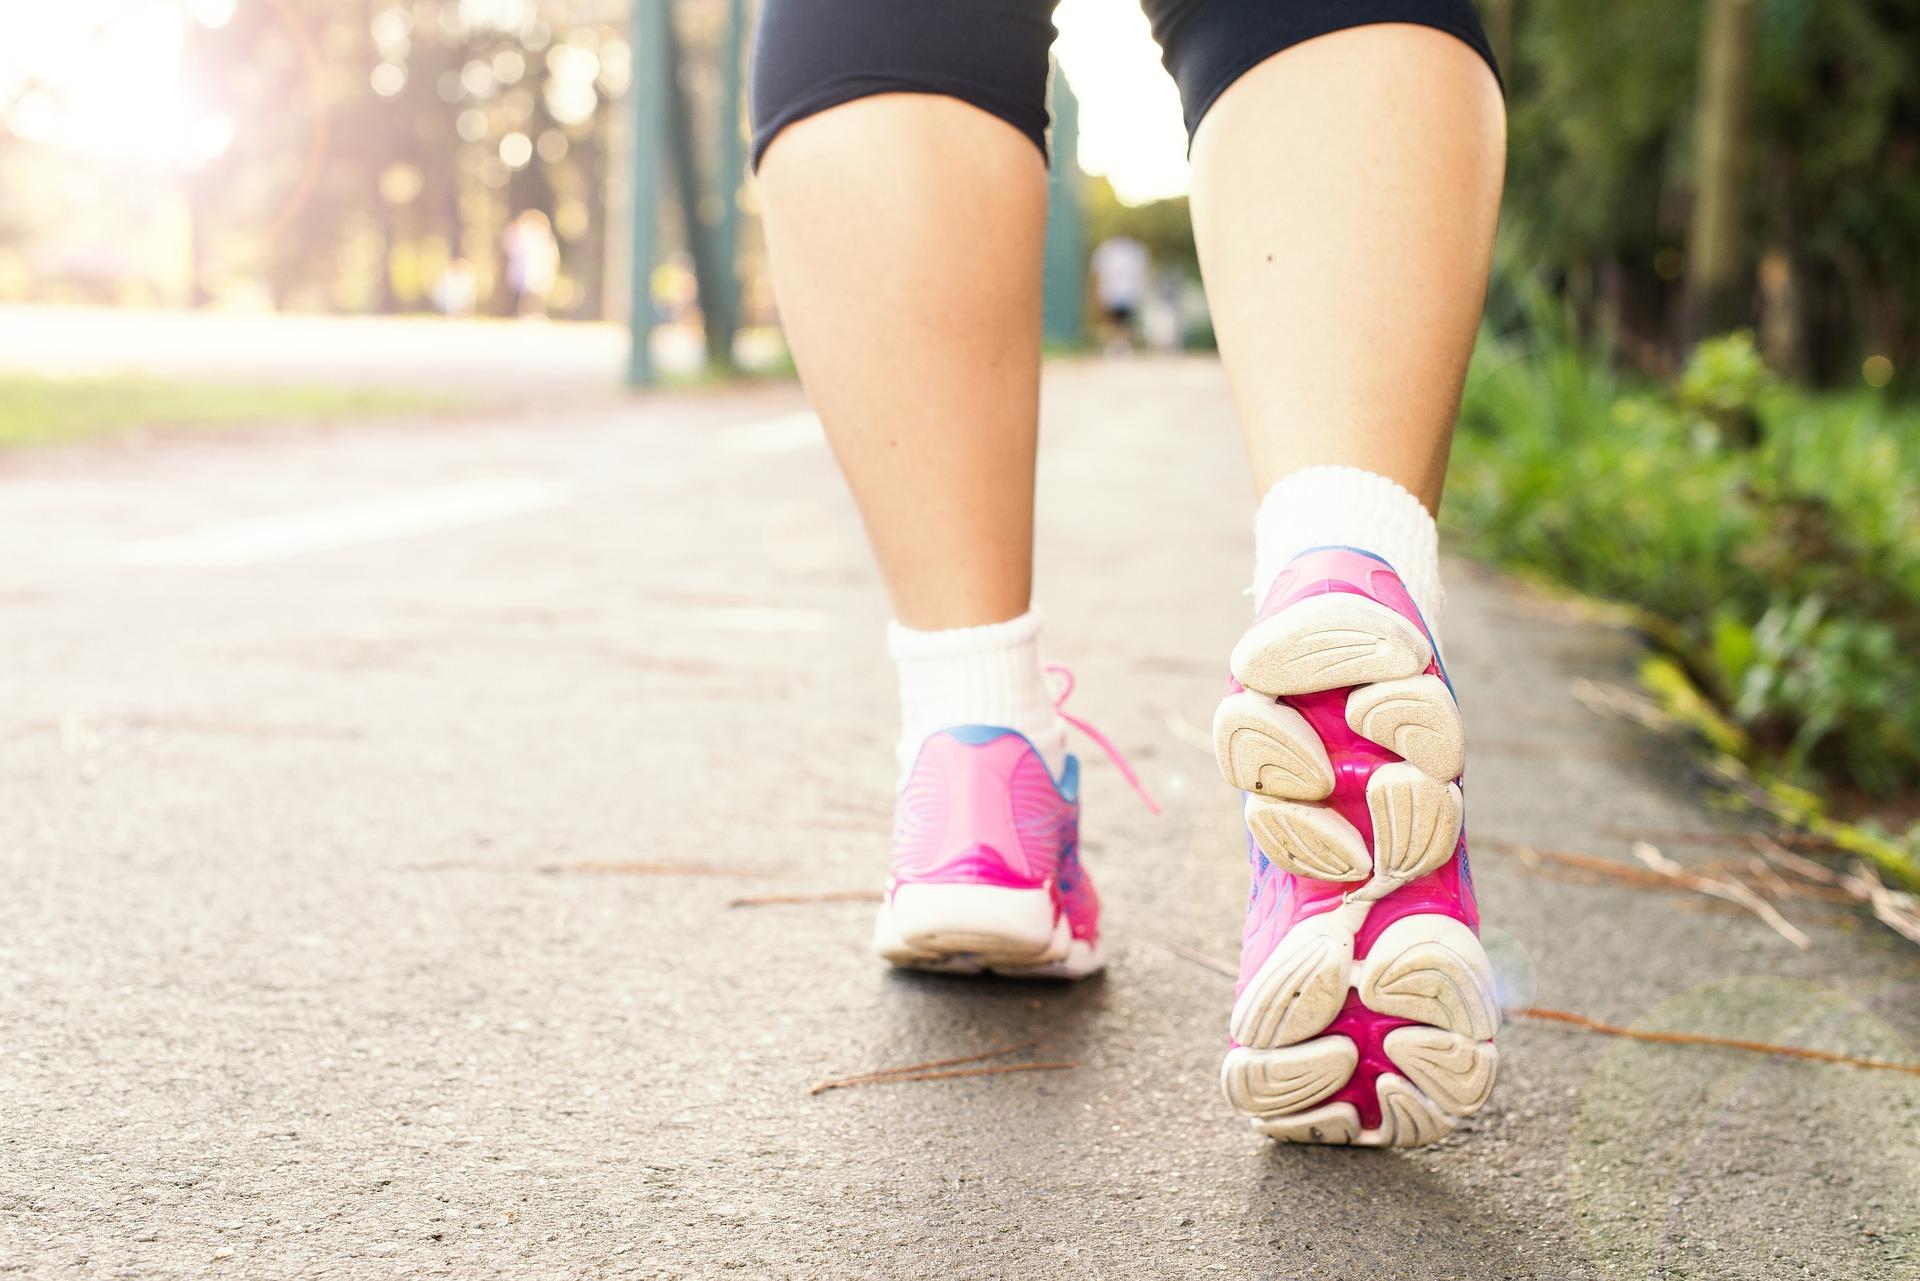 Camminata veloce, come praticarla e quali sono i benefici?